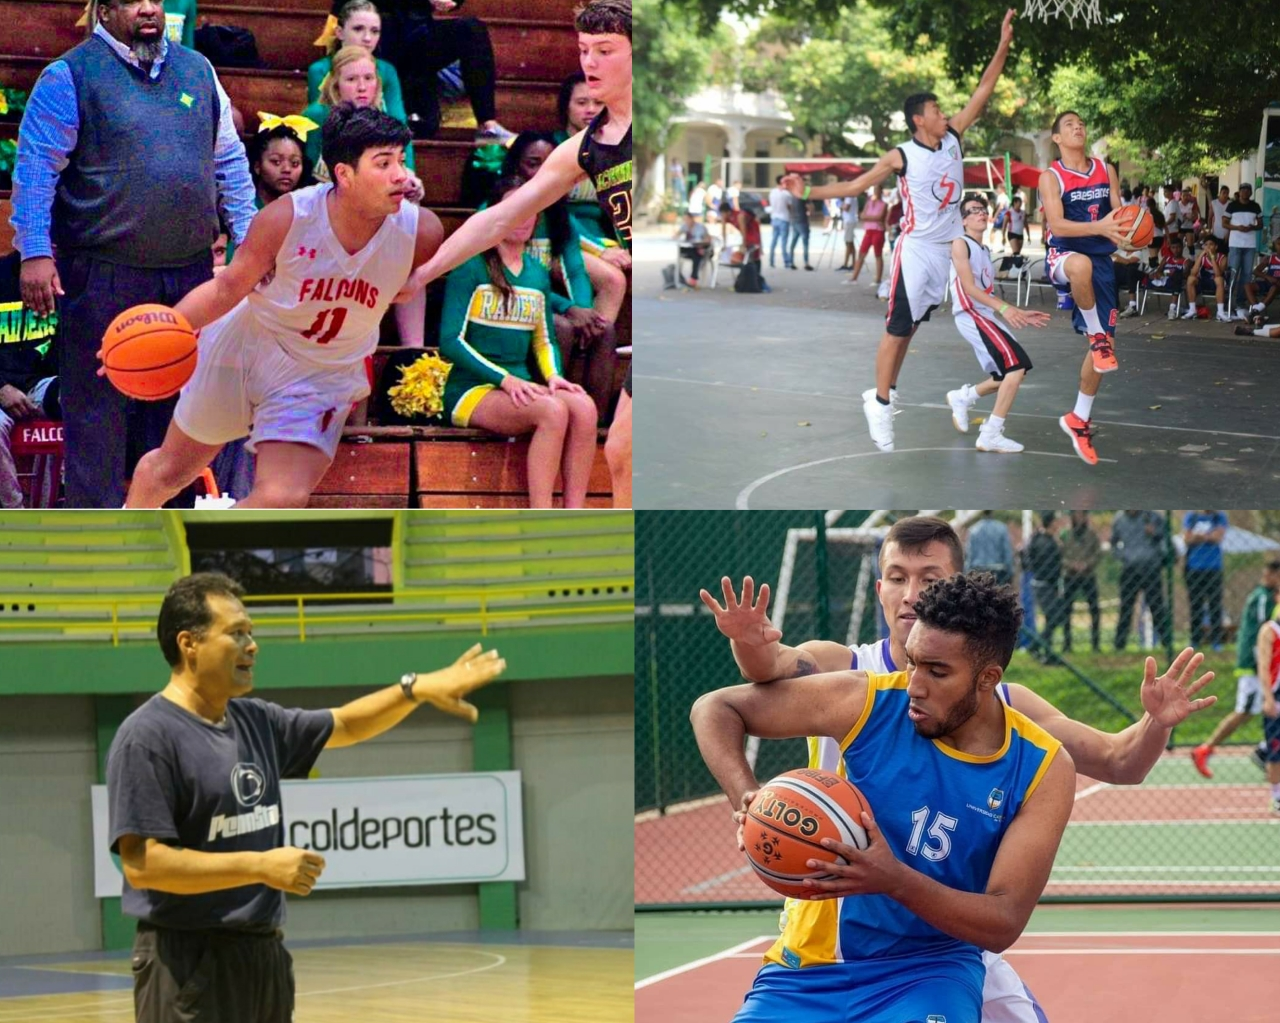 Tras las huellas del baloncesto colombiano: cuatro historias de vida deportivas